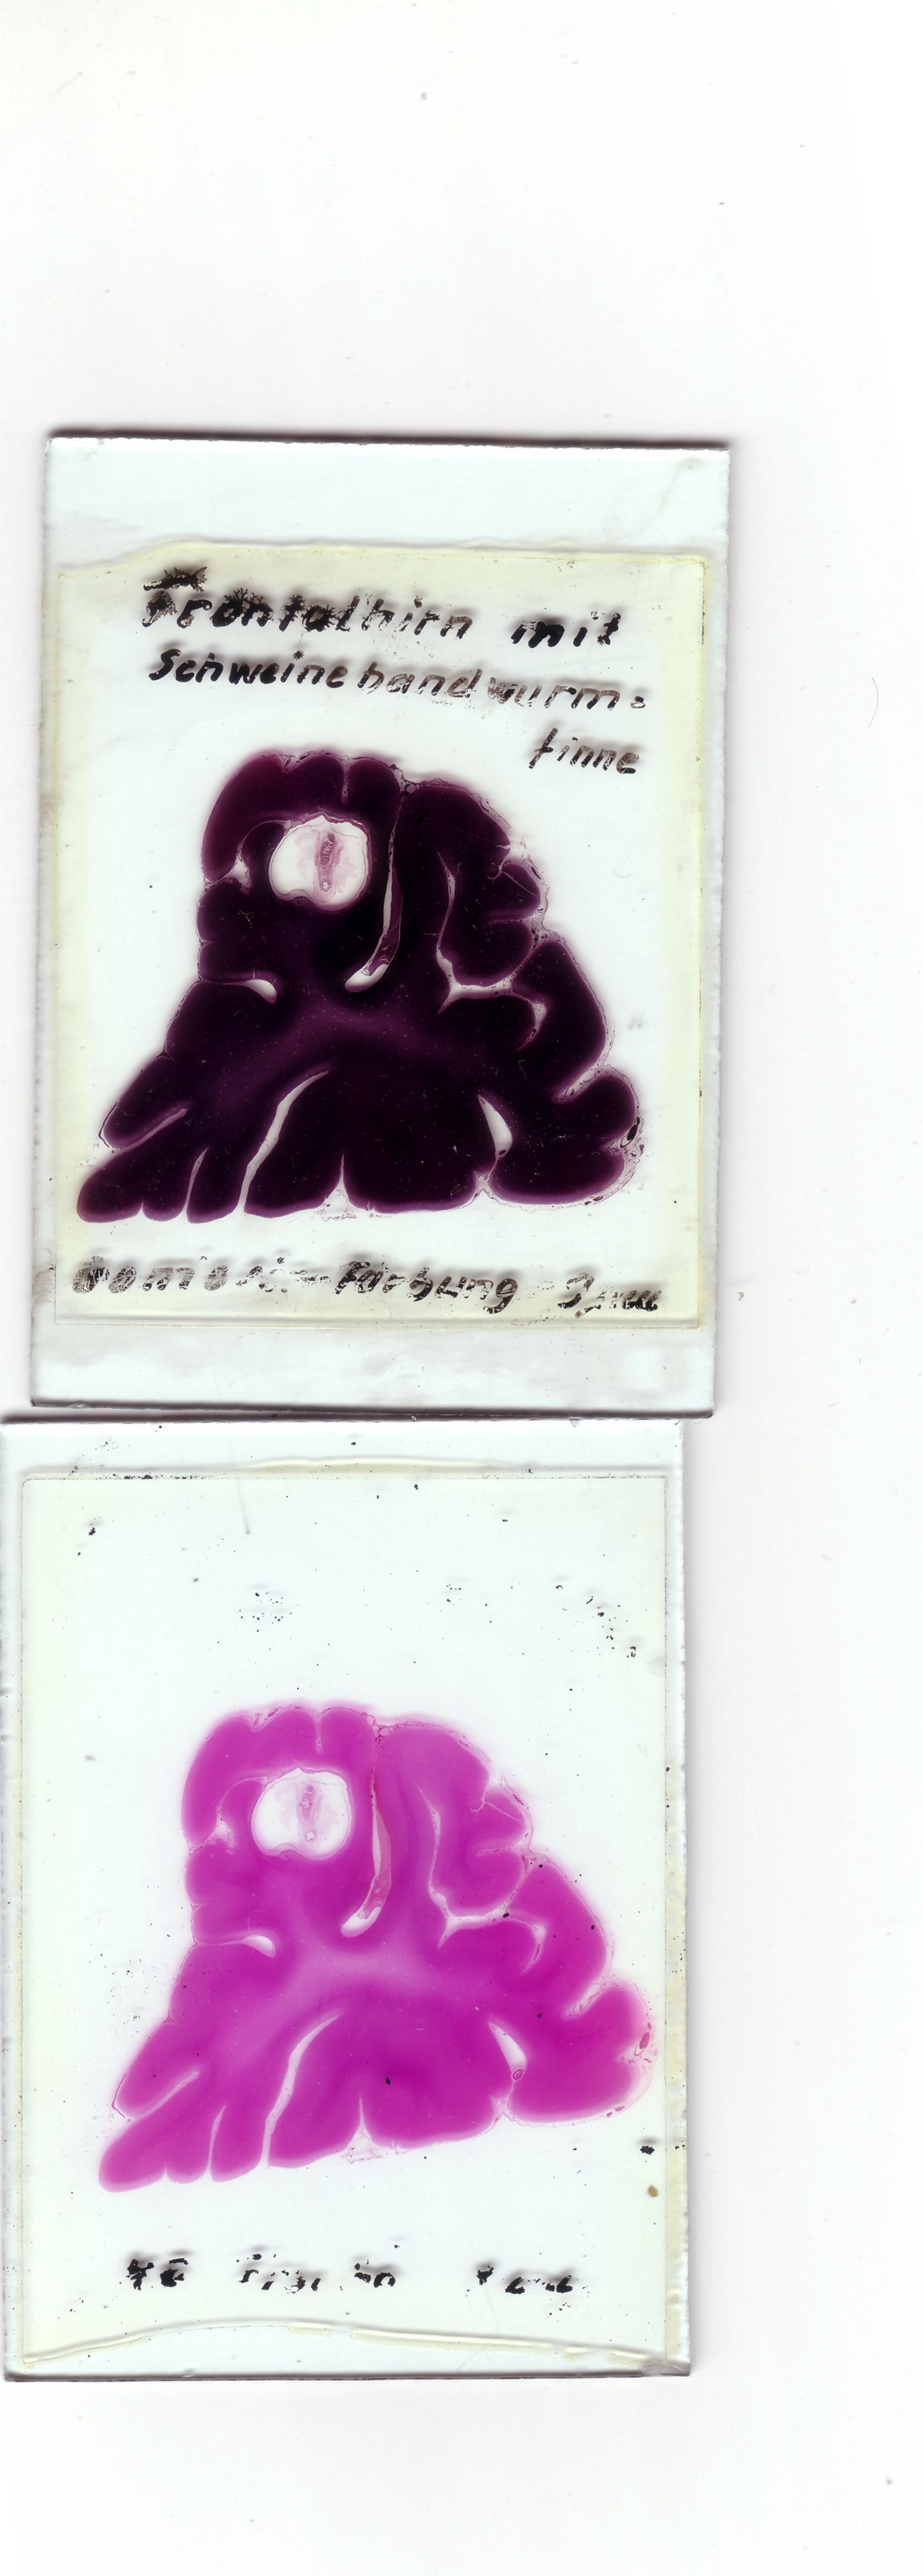 Frontalhirn, Schweinebandwurmfinne, Gomori- u. HE-Färbung